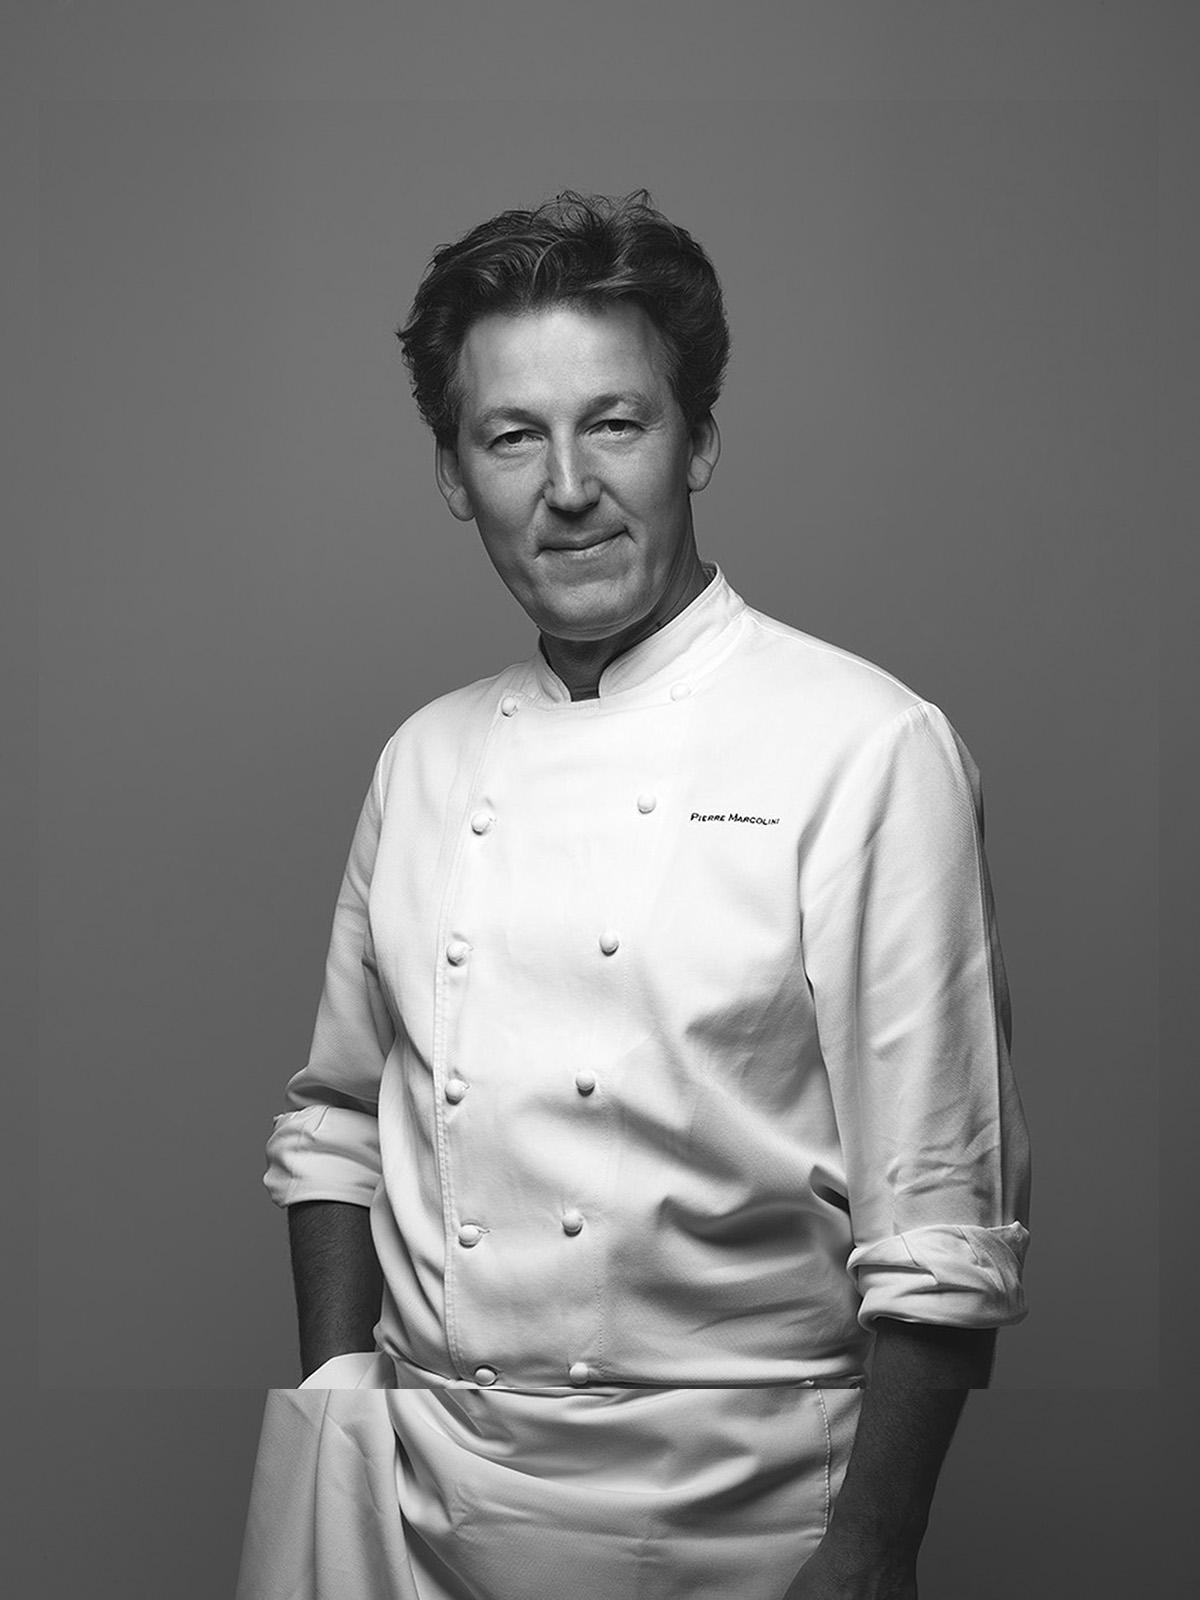 Pierre Marcolini est le chef de file de la pâtisserie mondiale en 2020